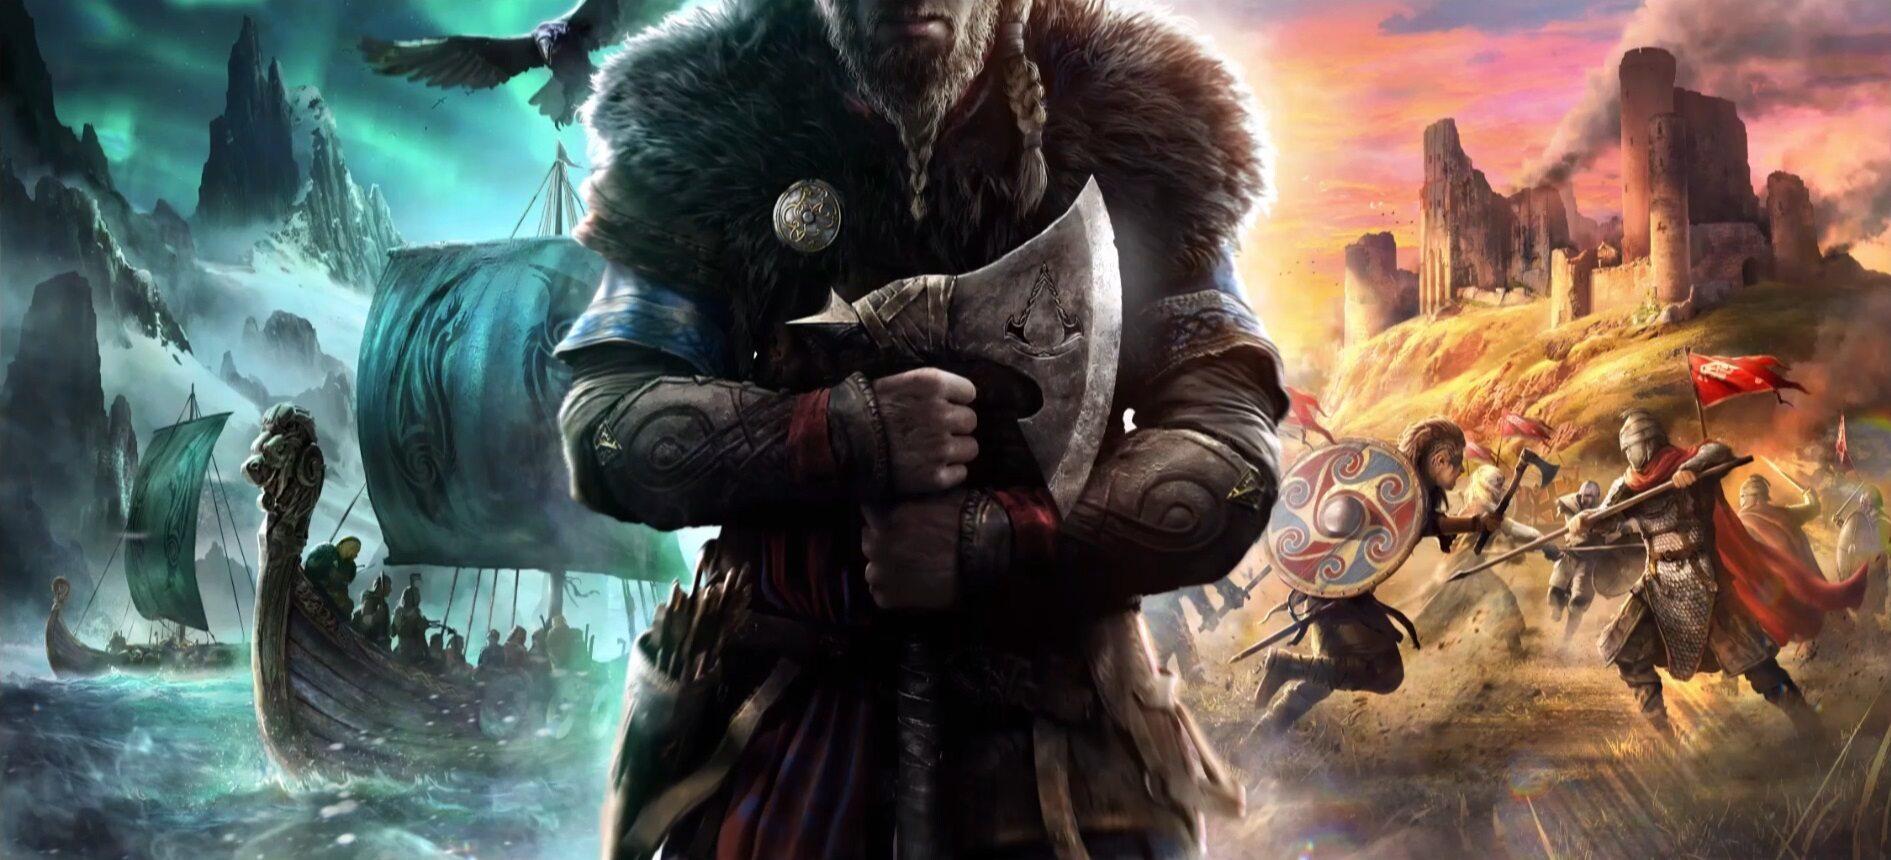 Grafika zapowiadająca grę Assassins Creed: Valhalla